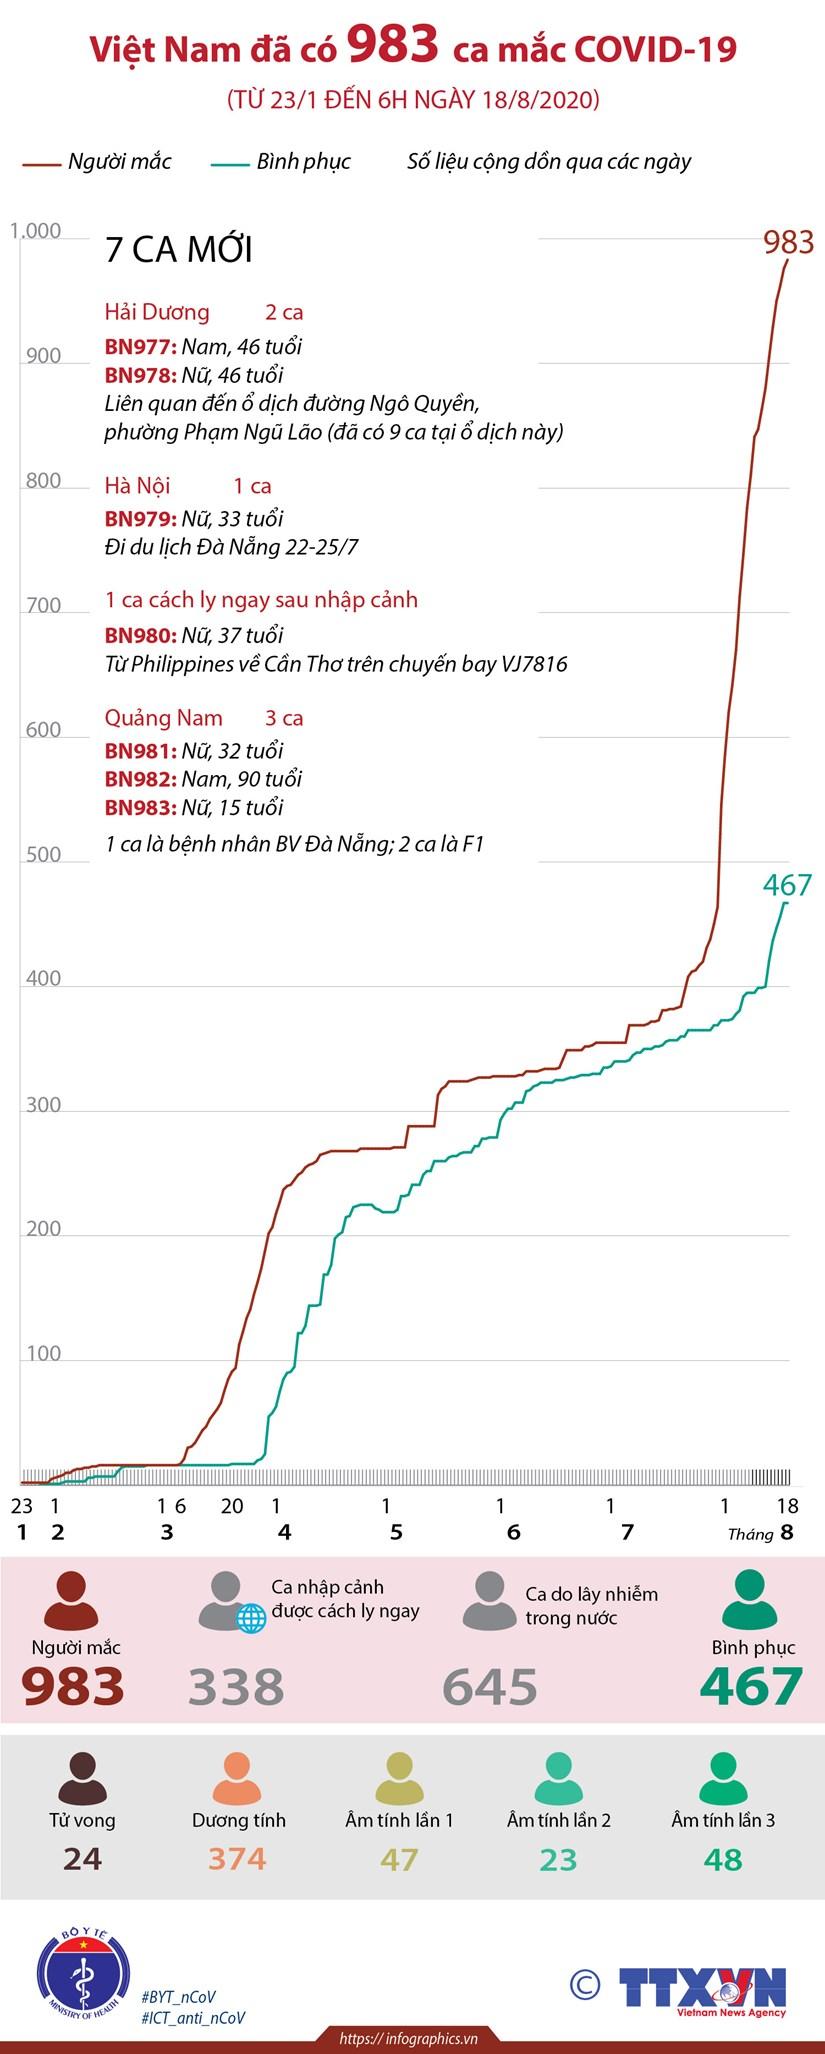 [Infographics] Viet Nam ghi nhan 983 ca mac COVID-19 hinh anh 1